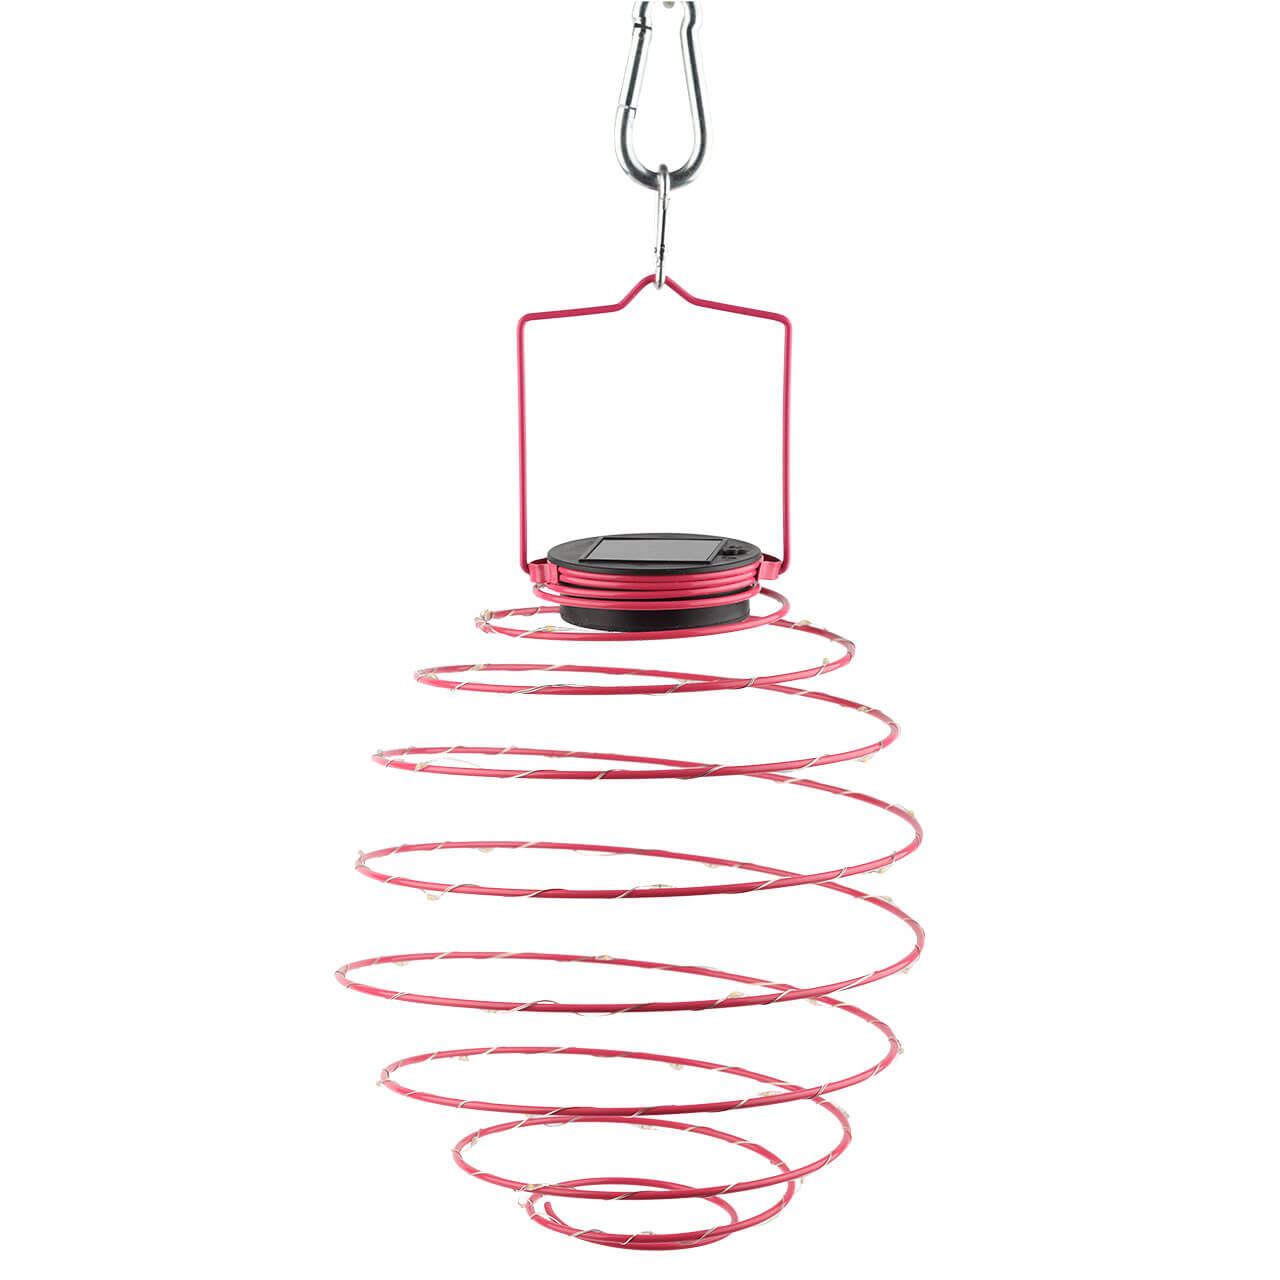 Садовый подвесной светильник Спираль на солнечной батарее